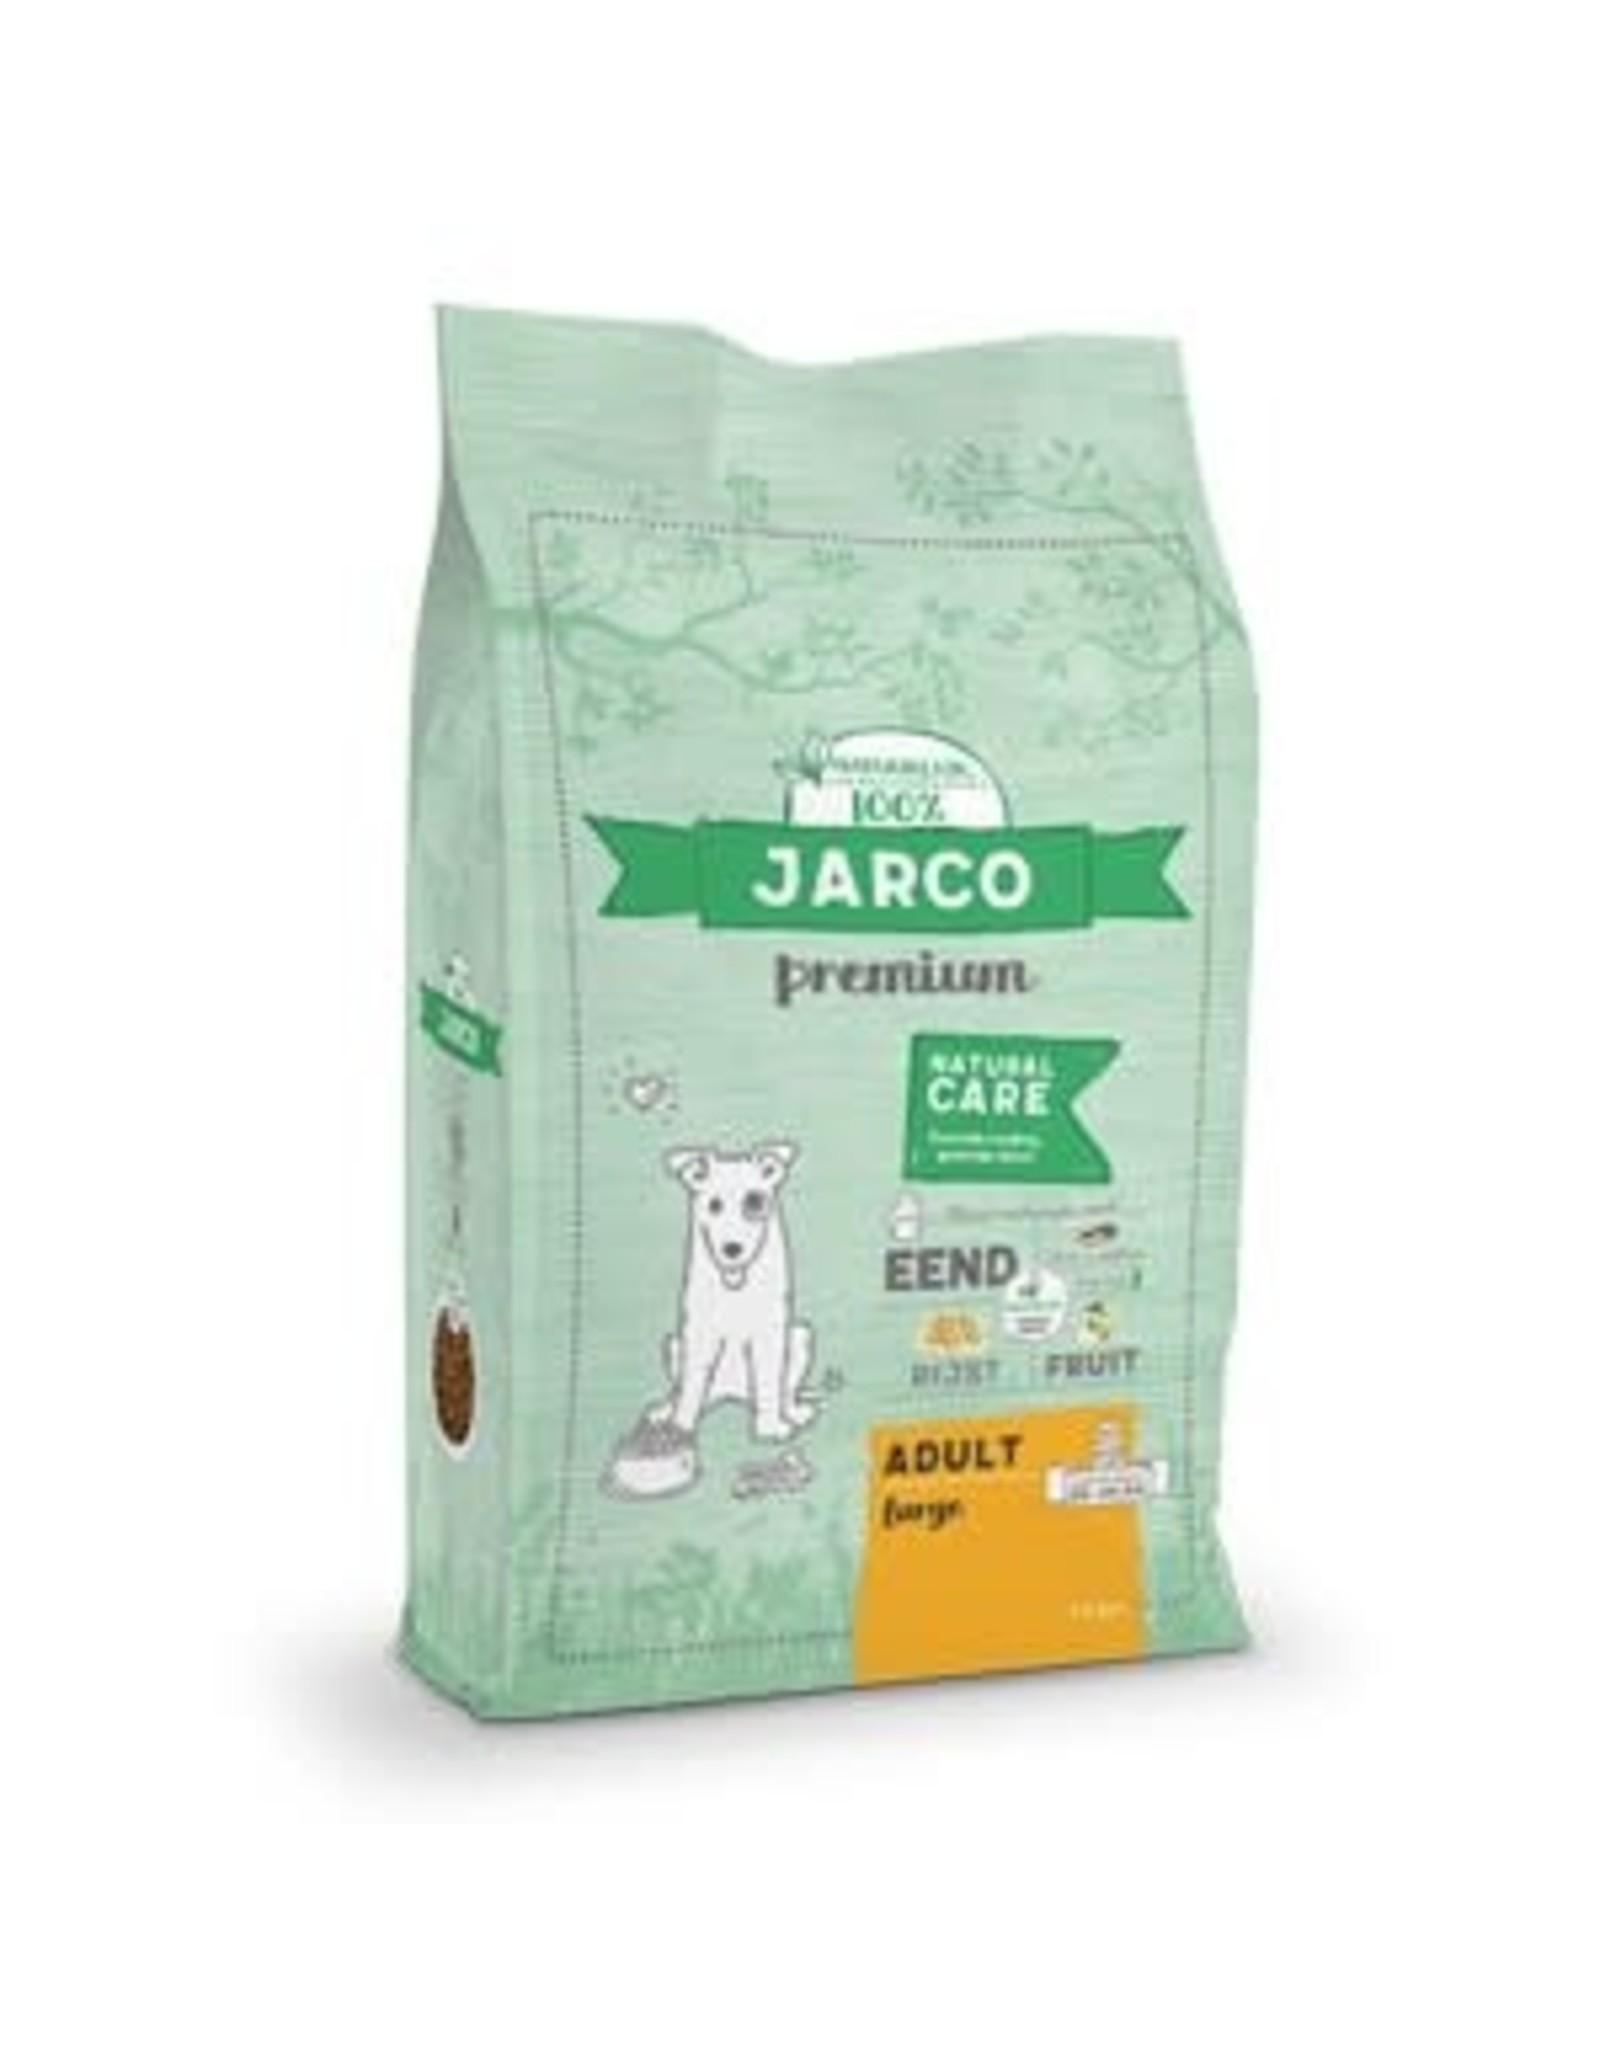 Jarco Large Adult 26-45 Kg - Eend - 2,5Kg